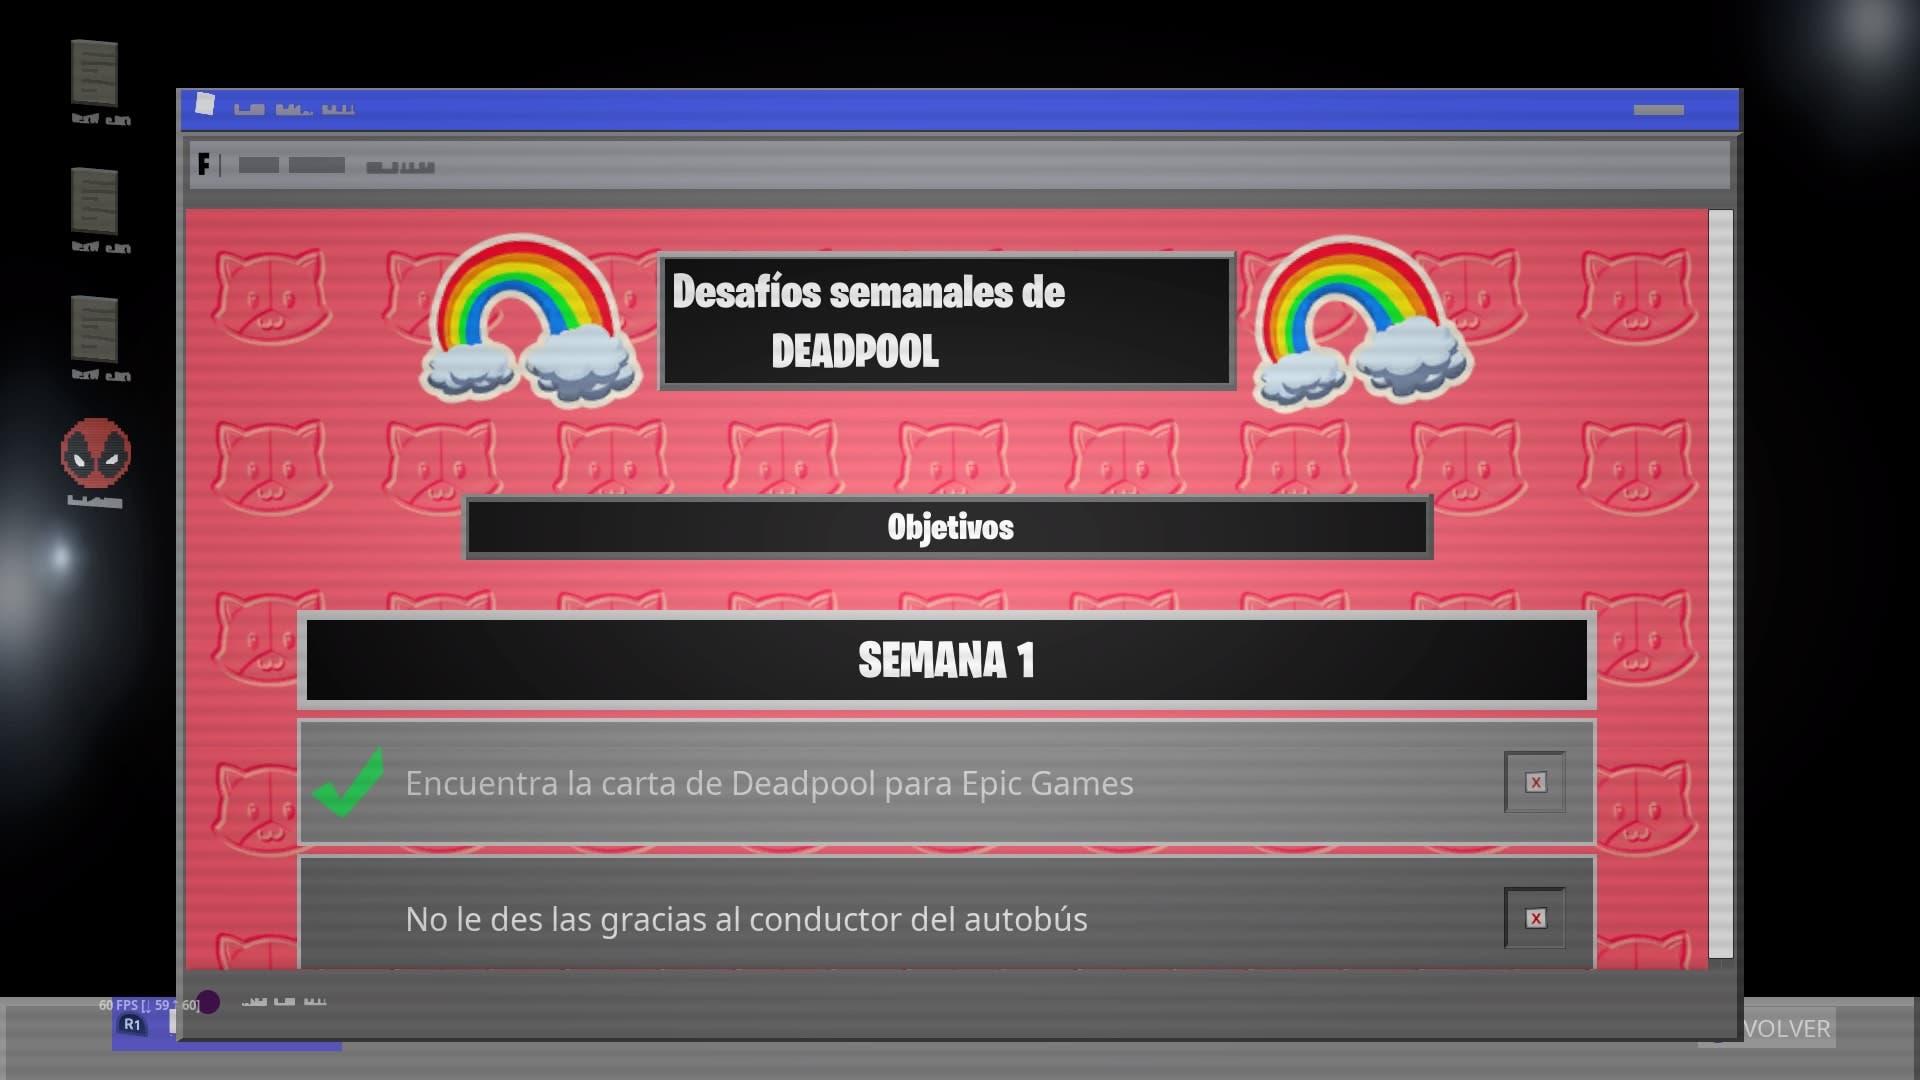 Cómo completar los desafíos semanales de Deadpool en Fortnite - Semana 1